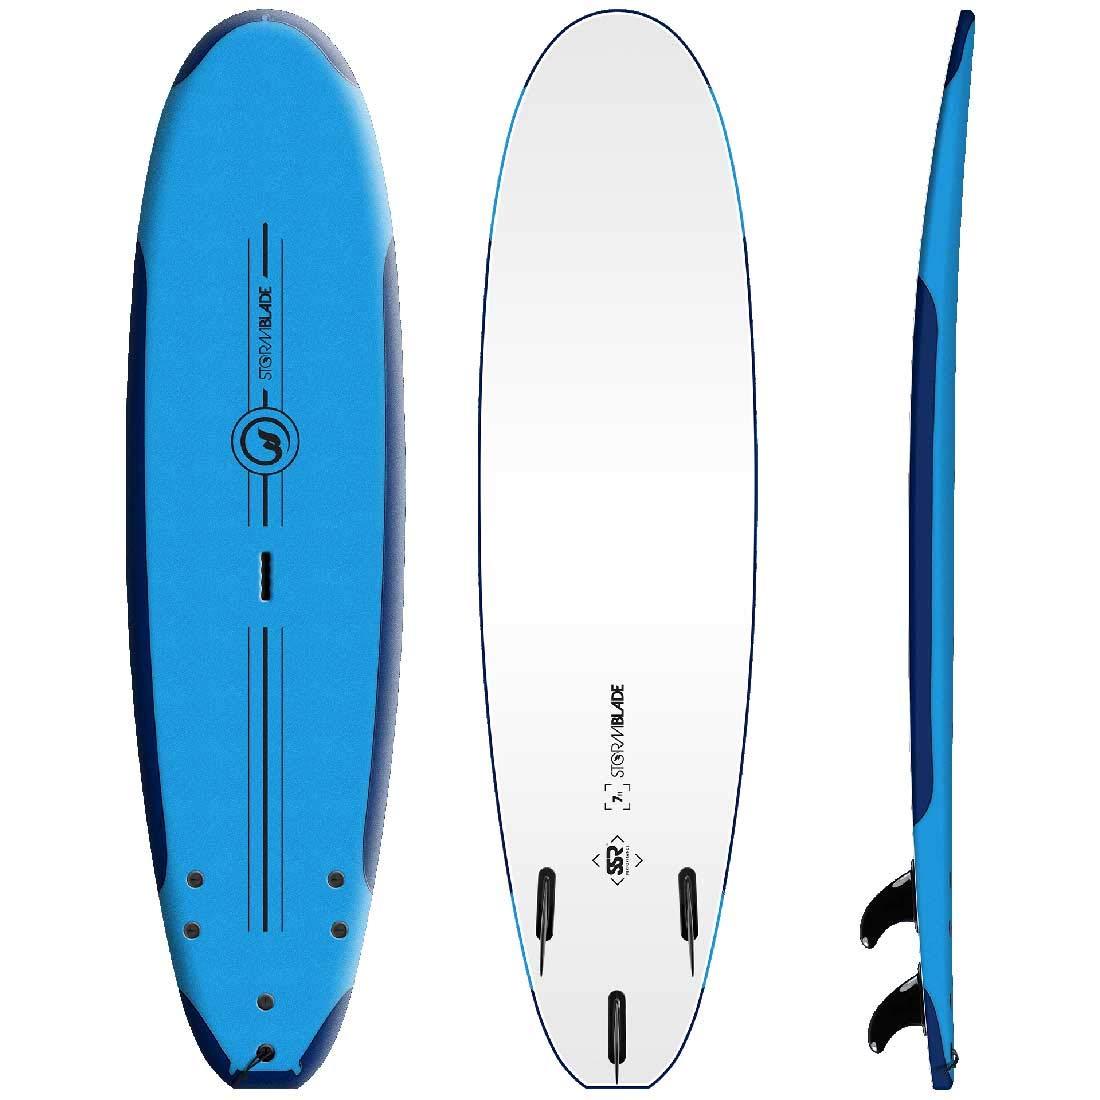 サーフボード ソフトボード STORM BLADE 7ft PERFORMANCE SSR SURFBOARDS